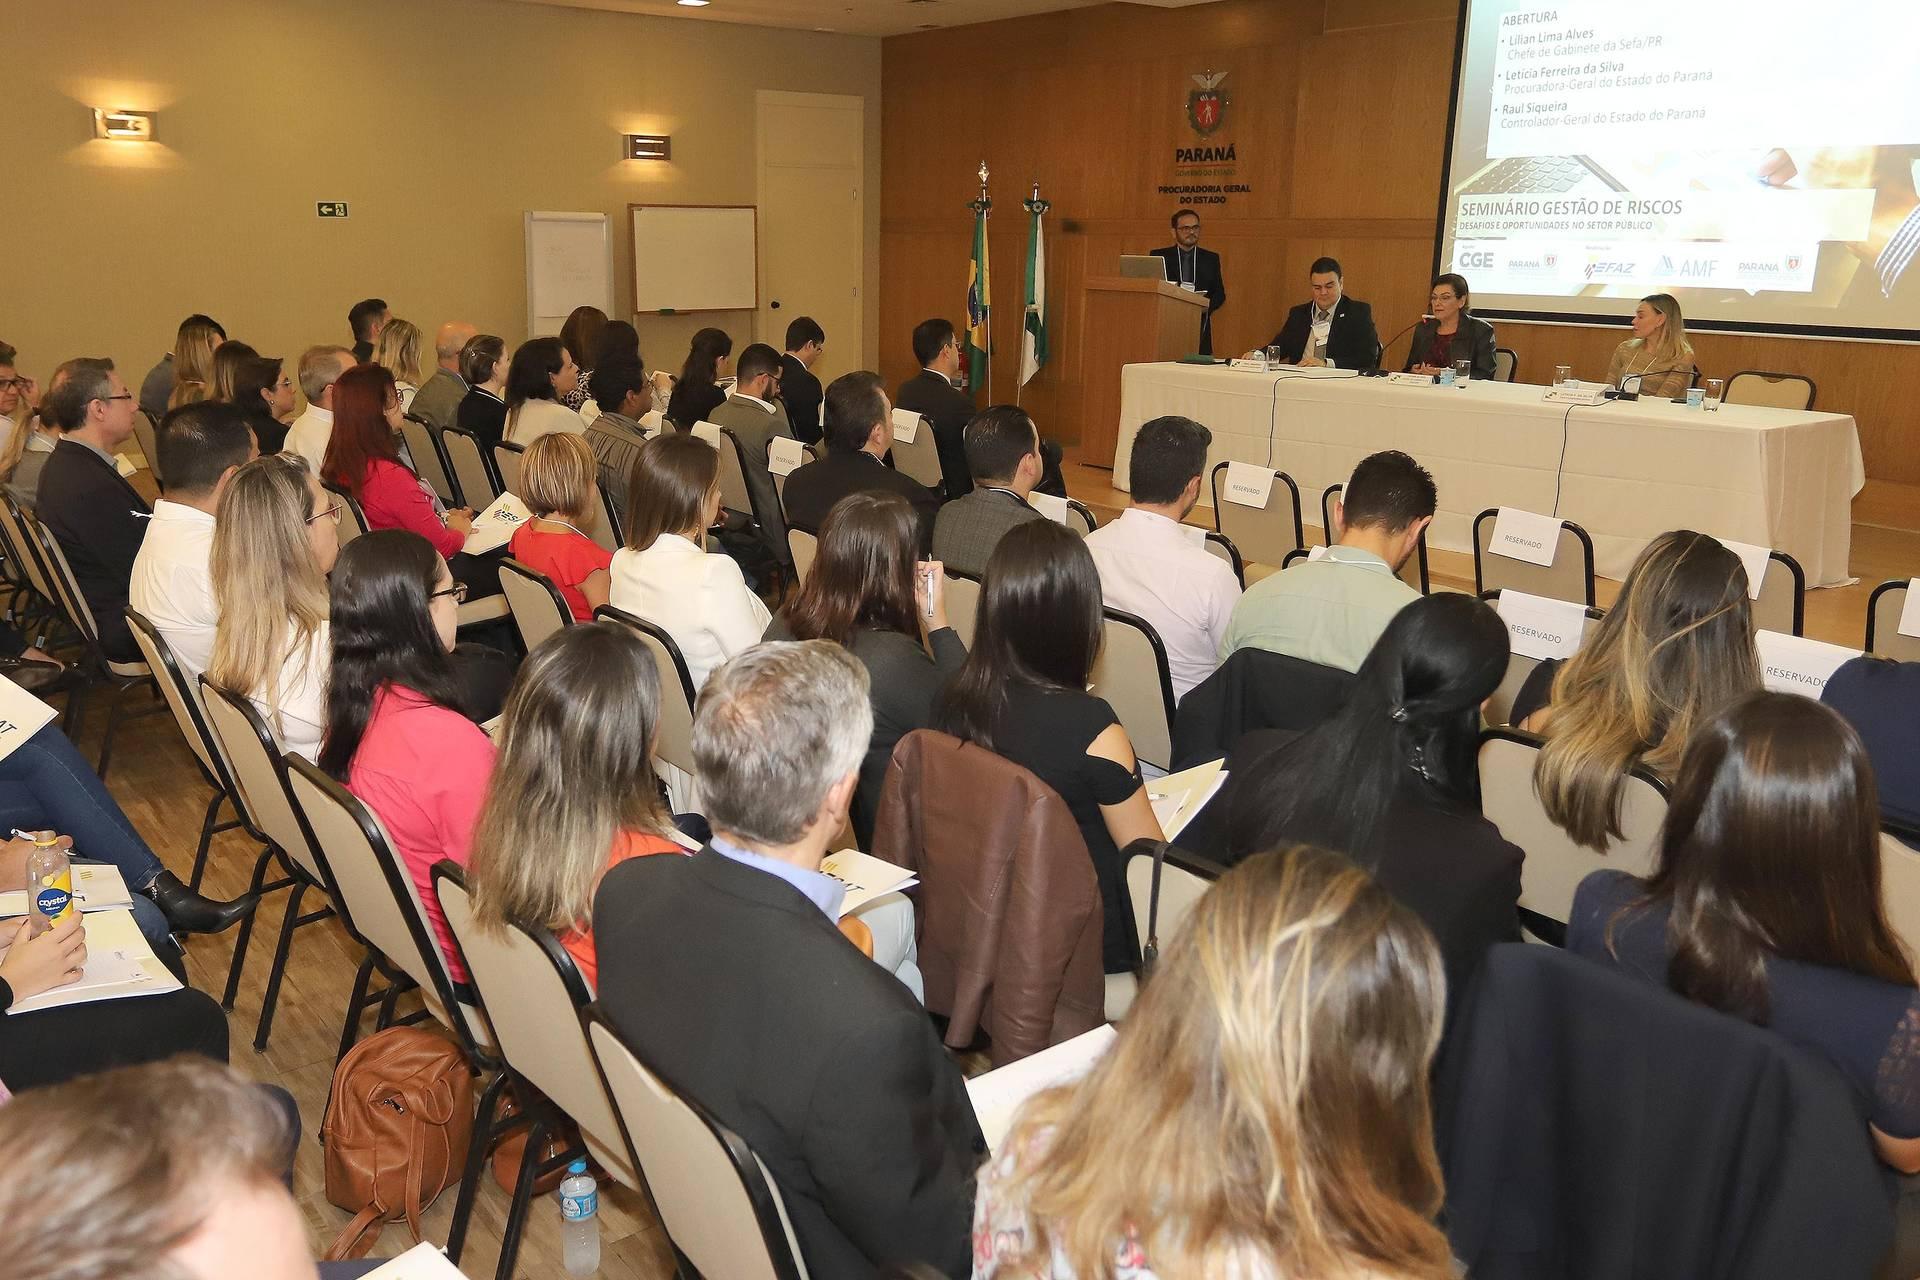 O seminário, promovido pela Escola Fazendária e pela Assessoria de Modernização Fazendária, com apoio da Controladoria Geral do Estado e da Procuradoria Geral do Paraná, apresentou o estudo de casos de Minas Gerais, Alagoas e Ceará, que já criaram programas de Compliance e Ética na gestão pública